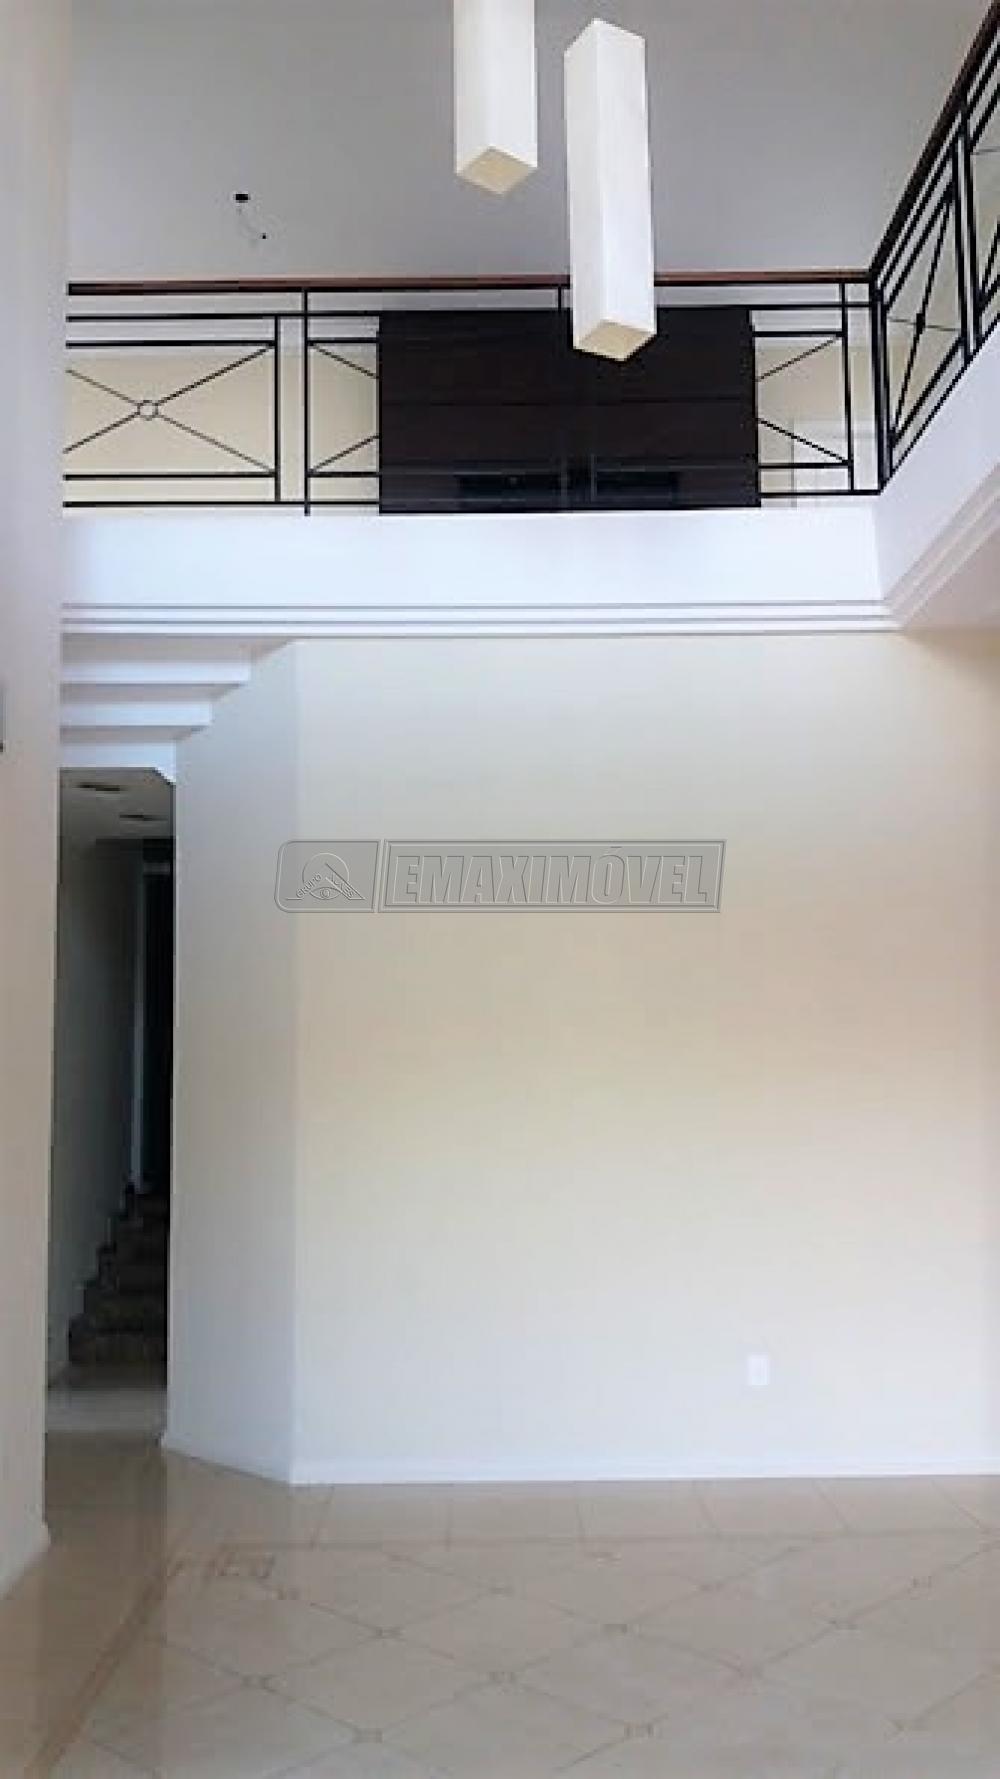 Comprar Casas / em Bairros em Sorocaba apenas R$ 899.000,00 - Foto 6